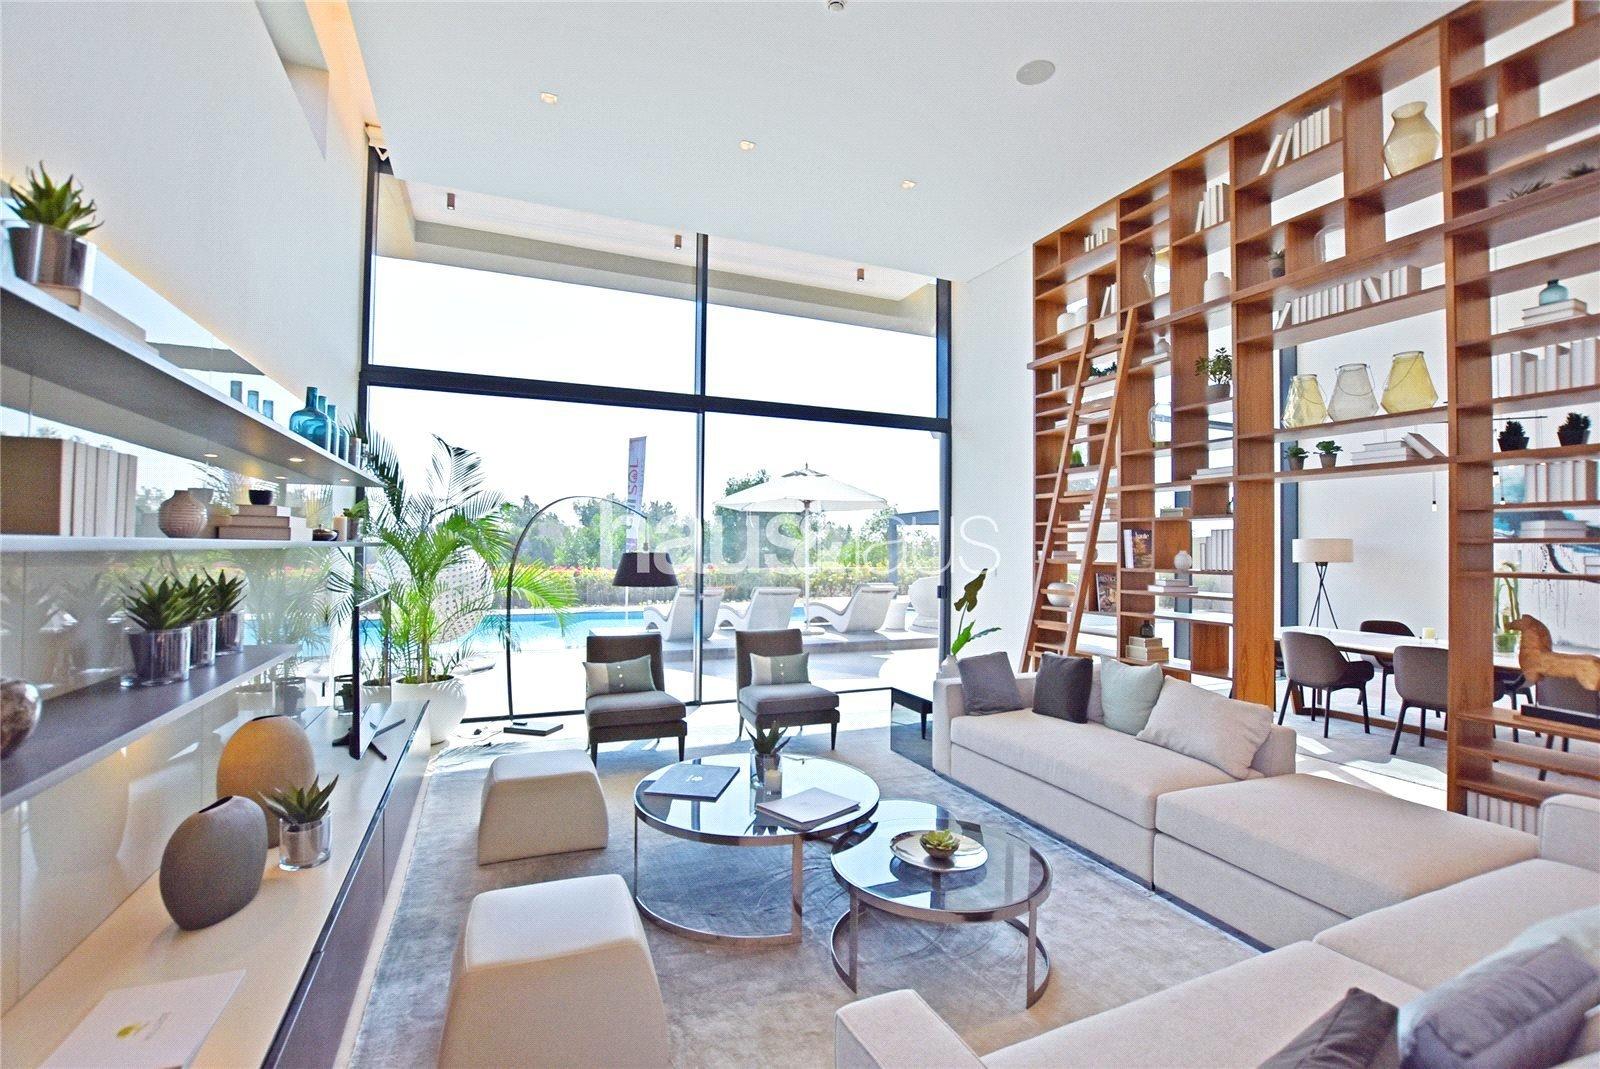 Villa in Jumeirah Golf Estates, Dubai, United Arab Emirates 1